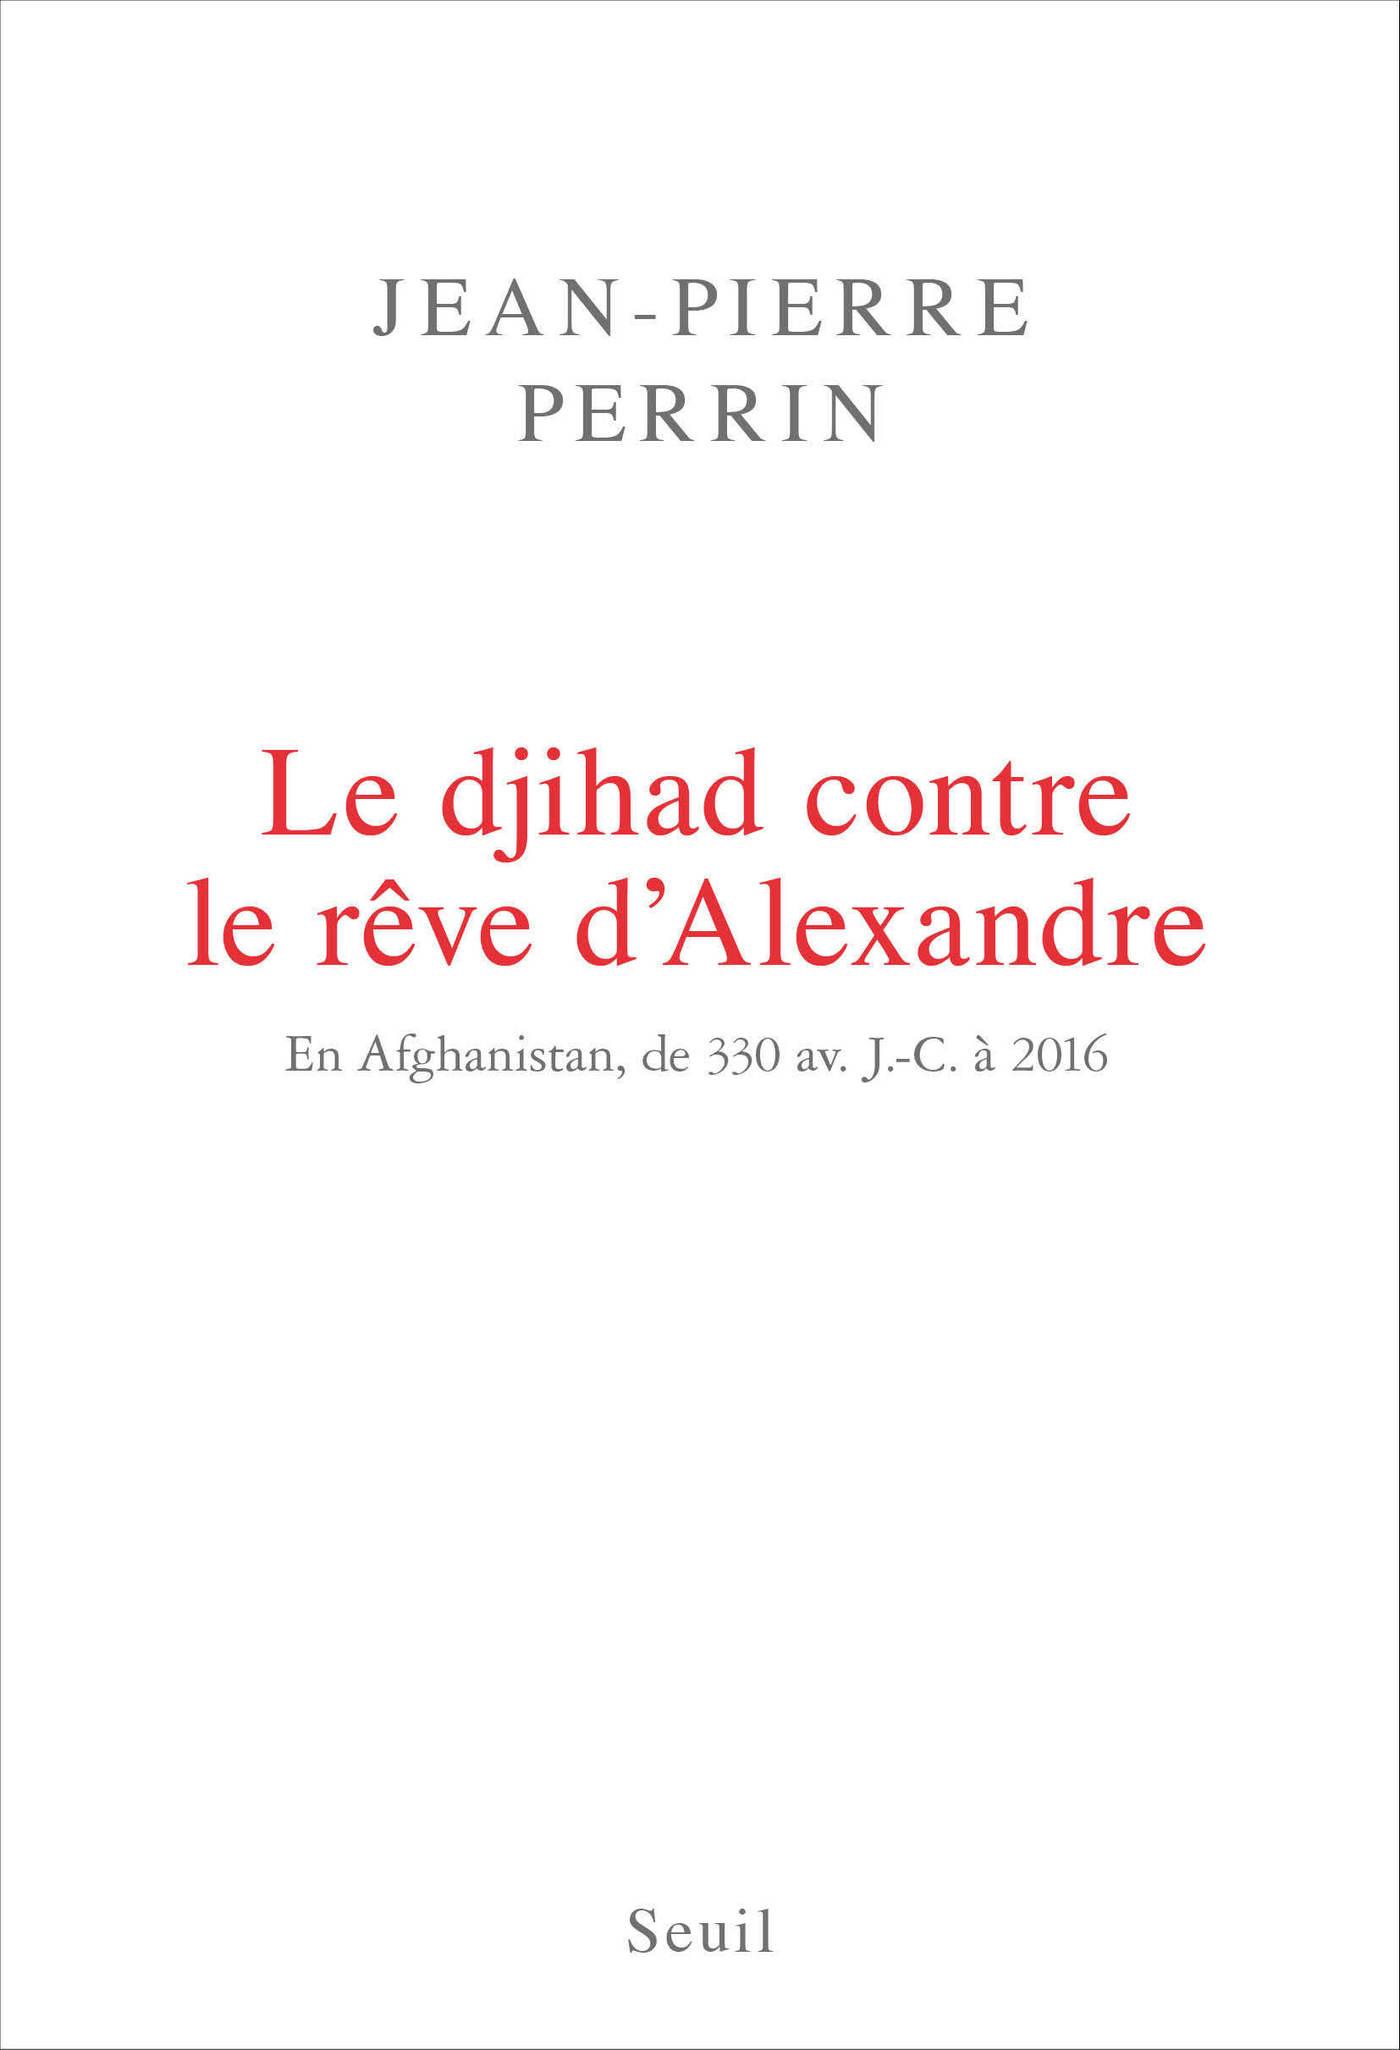 Le Djihad contre le rêve d'Alexandre. En Afghanistan, de 330 av. J.-C. à 2016